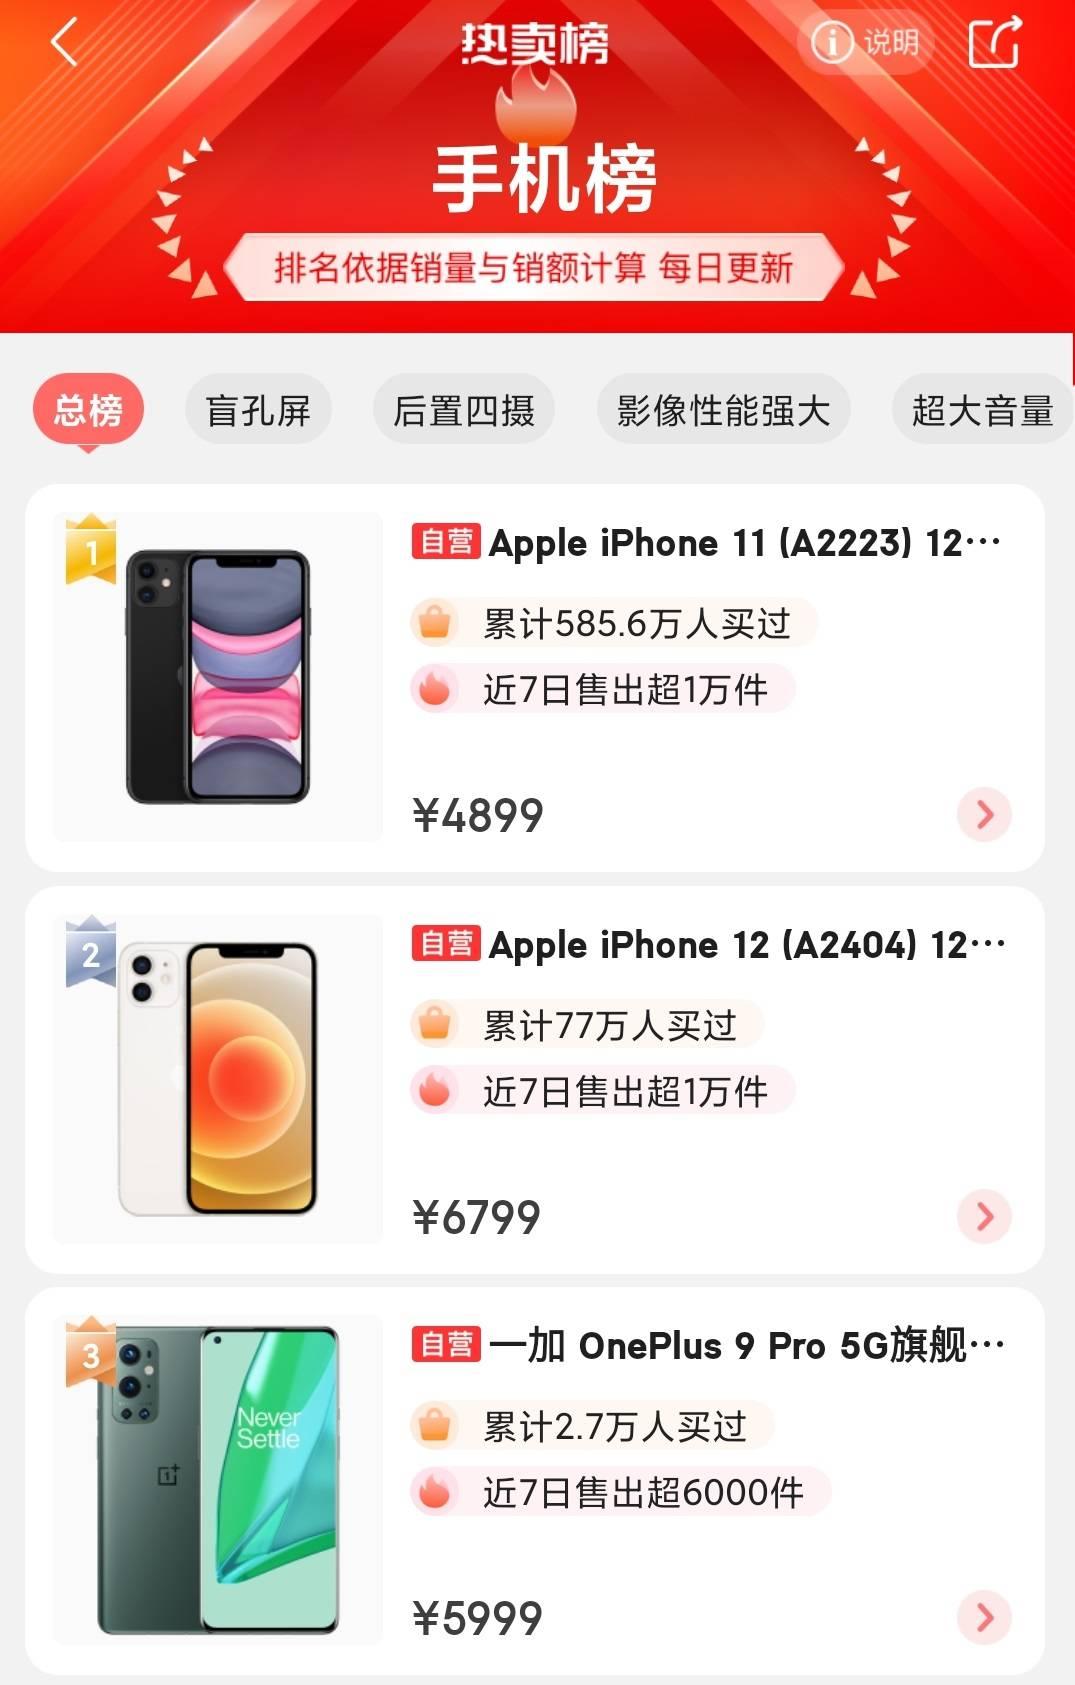 京东最新手机热卖榜,华为、小米无缘前三,iPhone12已成最大黑马